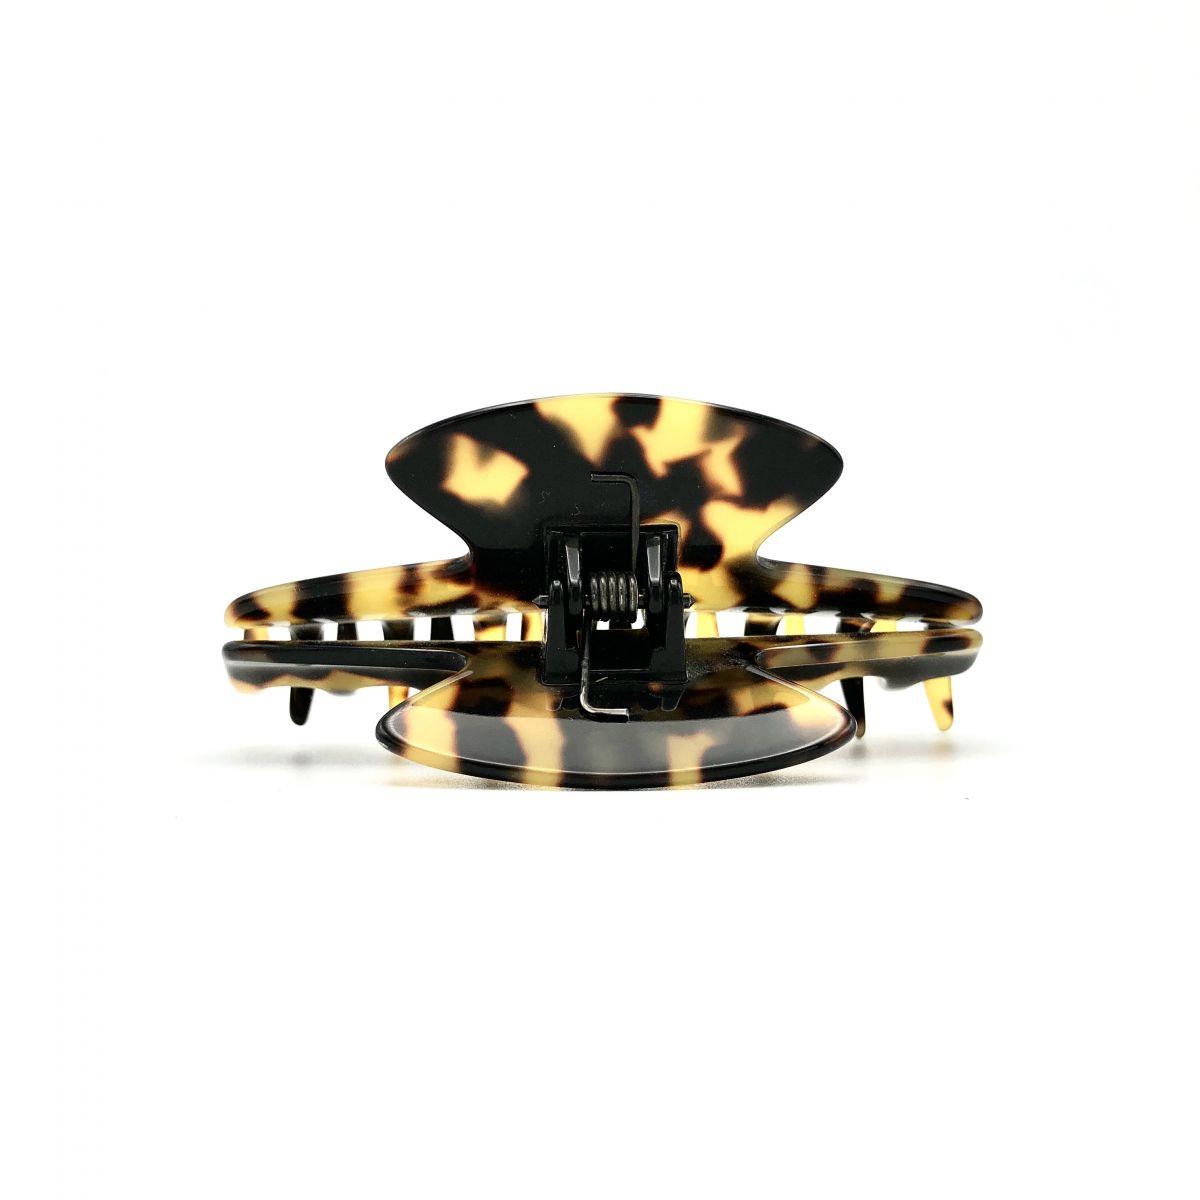 Haarklammer schwarz/honig - eng, klein - 8 cm